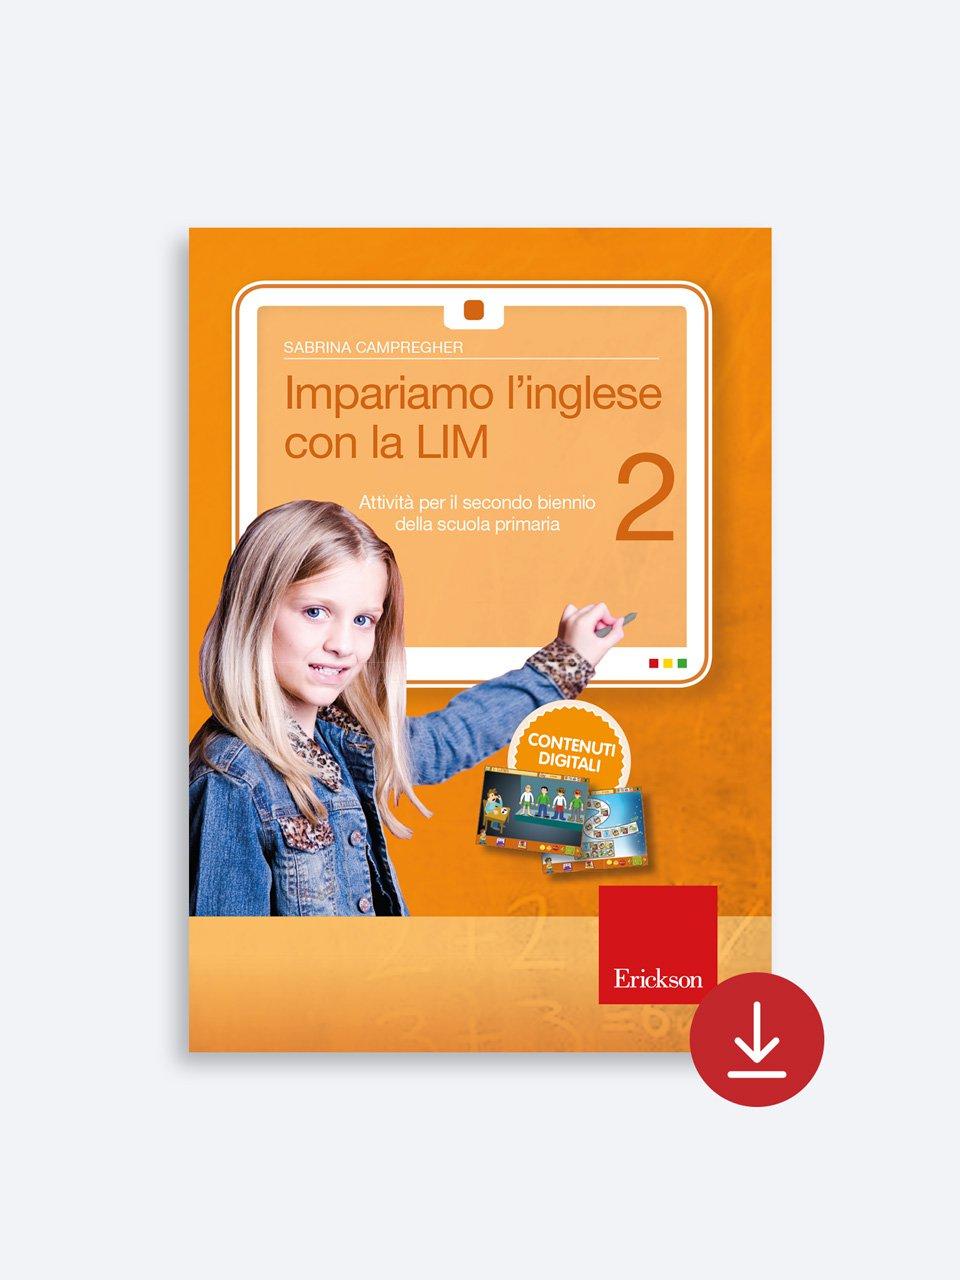 Impariamo l'inglese con la LIM 2 - My First Word Games - App e software - Erickson 2